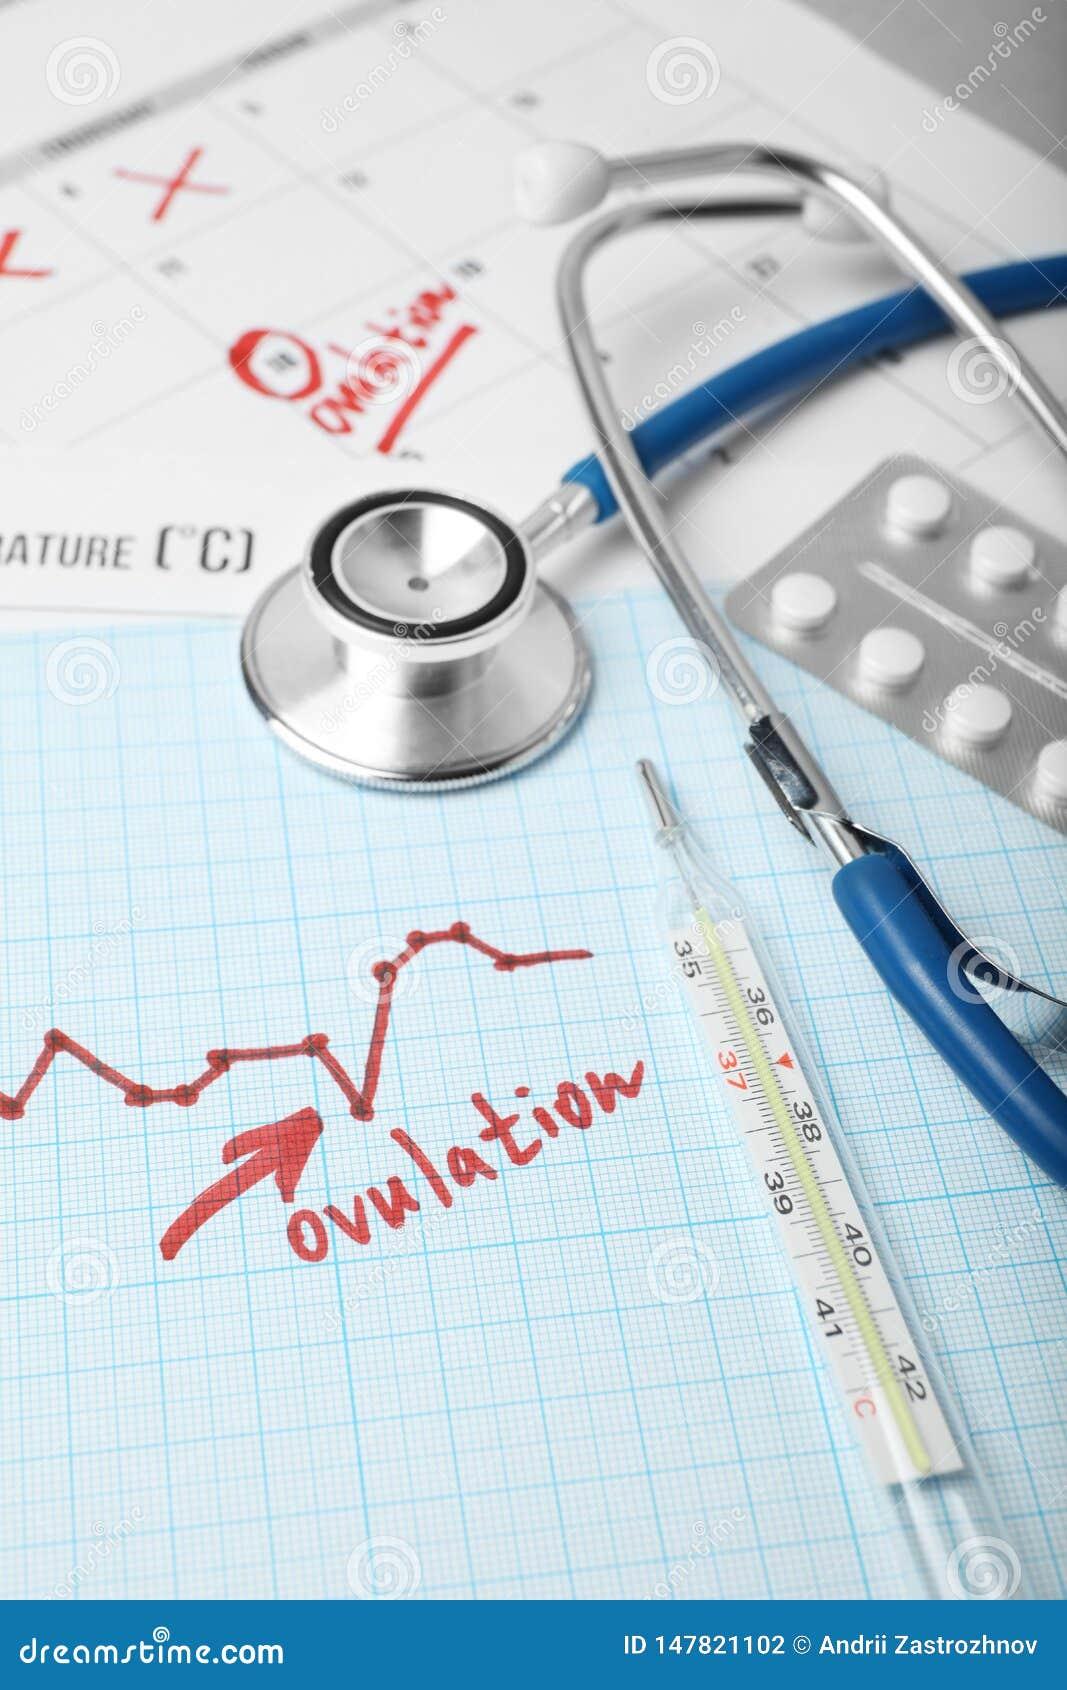 De vruchtbare dagen voor vatten en zwangerschap in kalender op De test van de onvruchtbaarheidscyclus